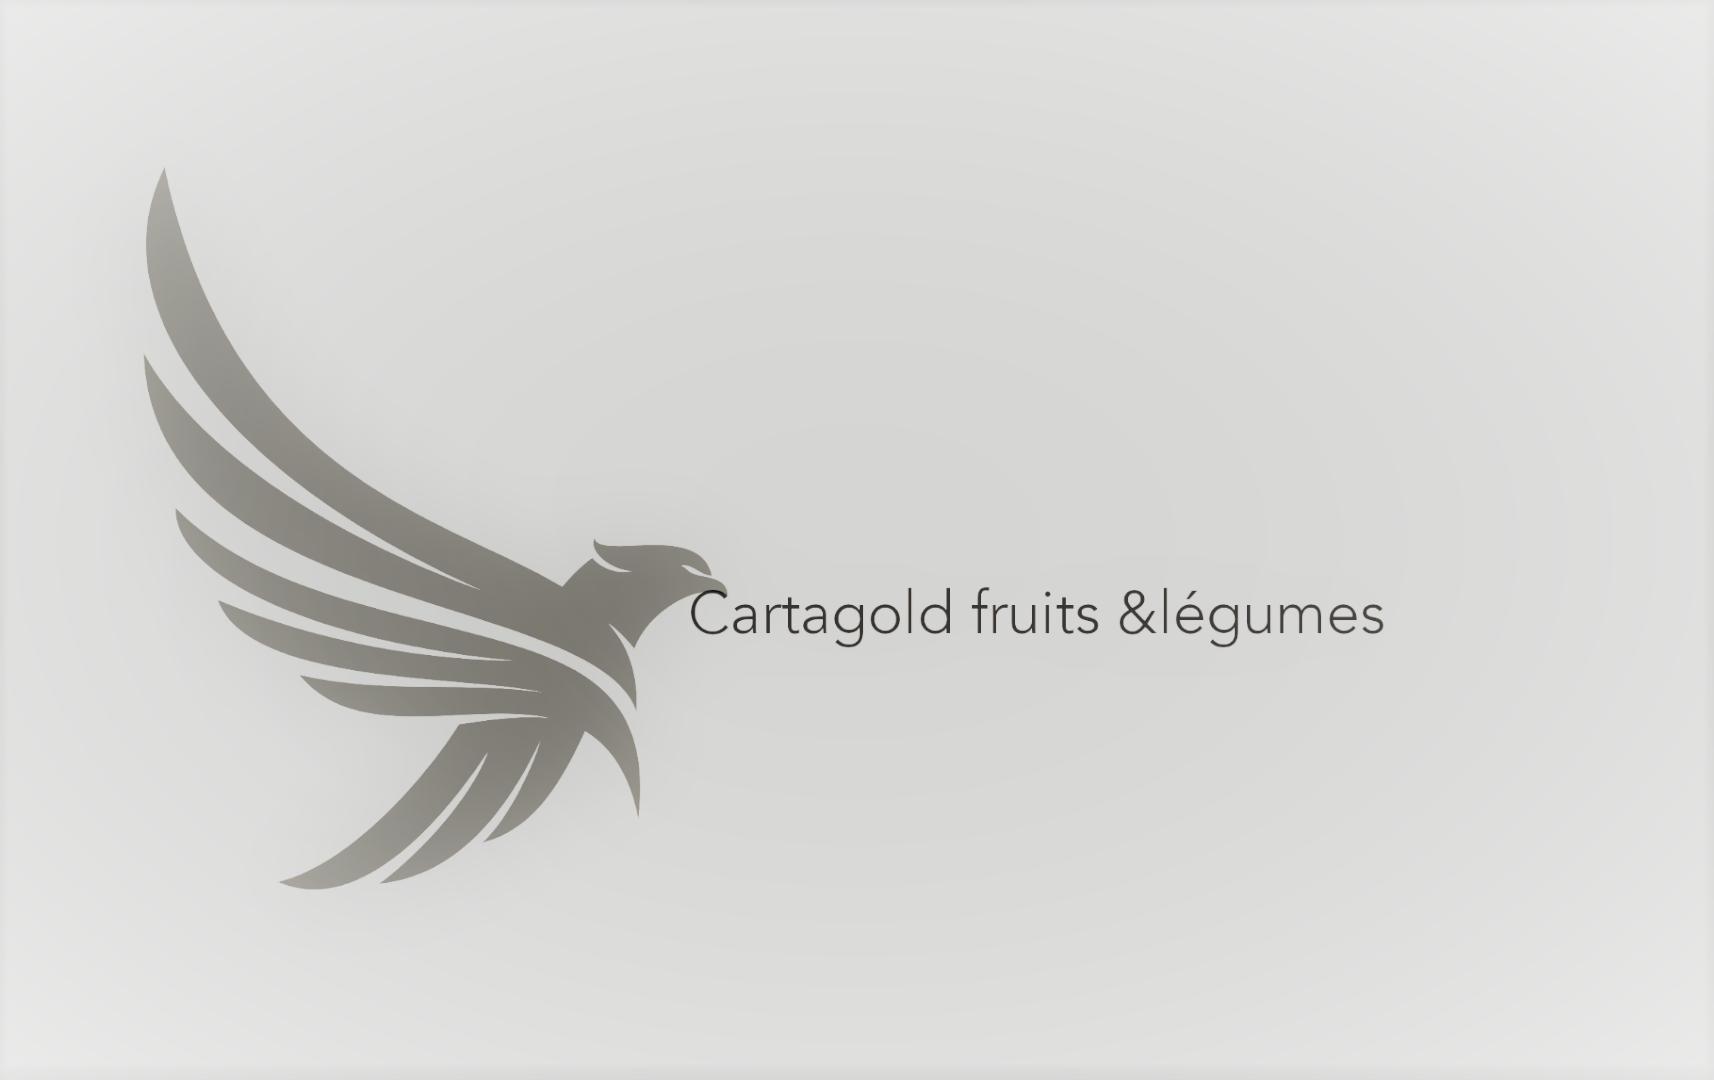 cartagold